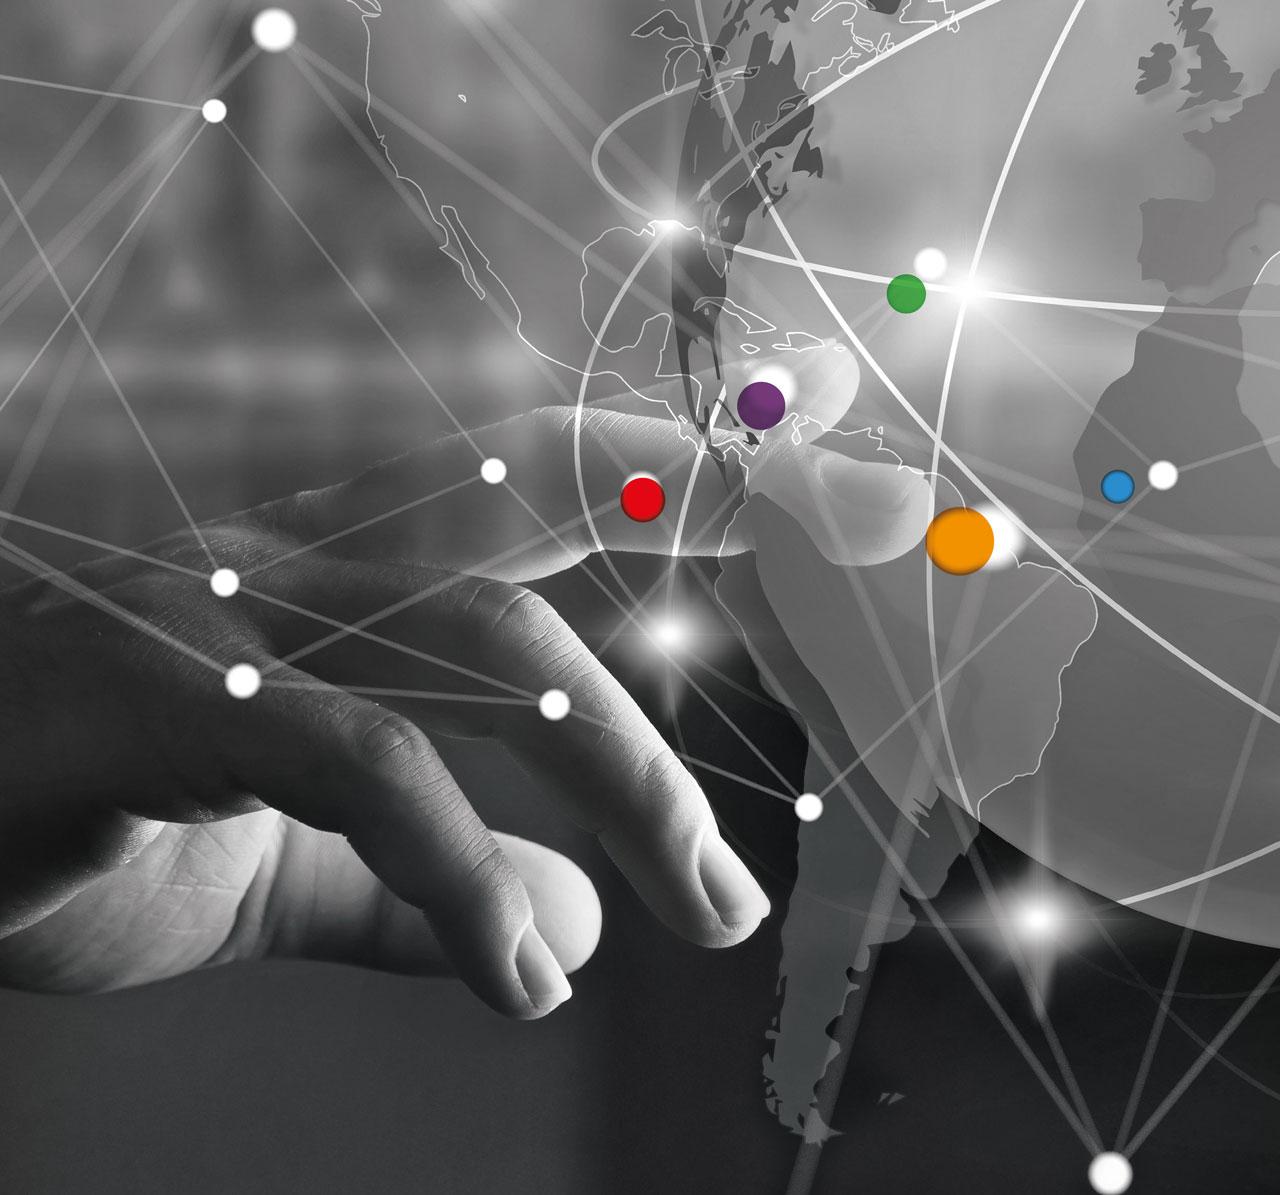 Anaxco Philosphie Teaserbild Hand IT-Services IT-Lösungen IT-Experten Cloud Digitalisierung Speditionssoftware TMS Datensicherheit Server